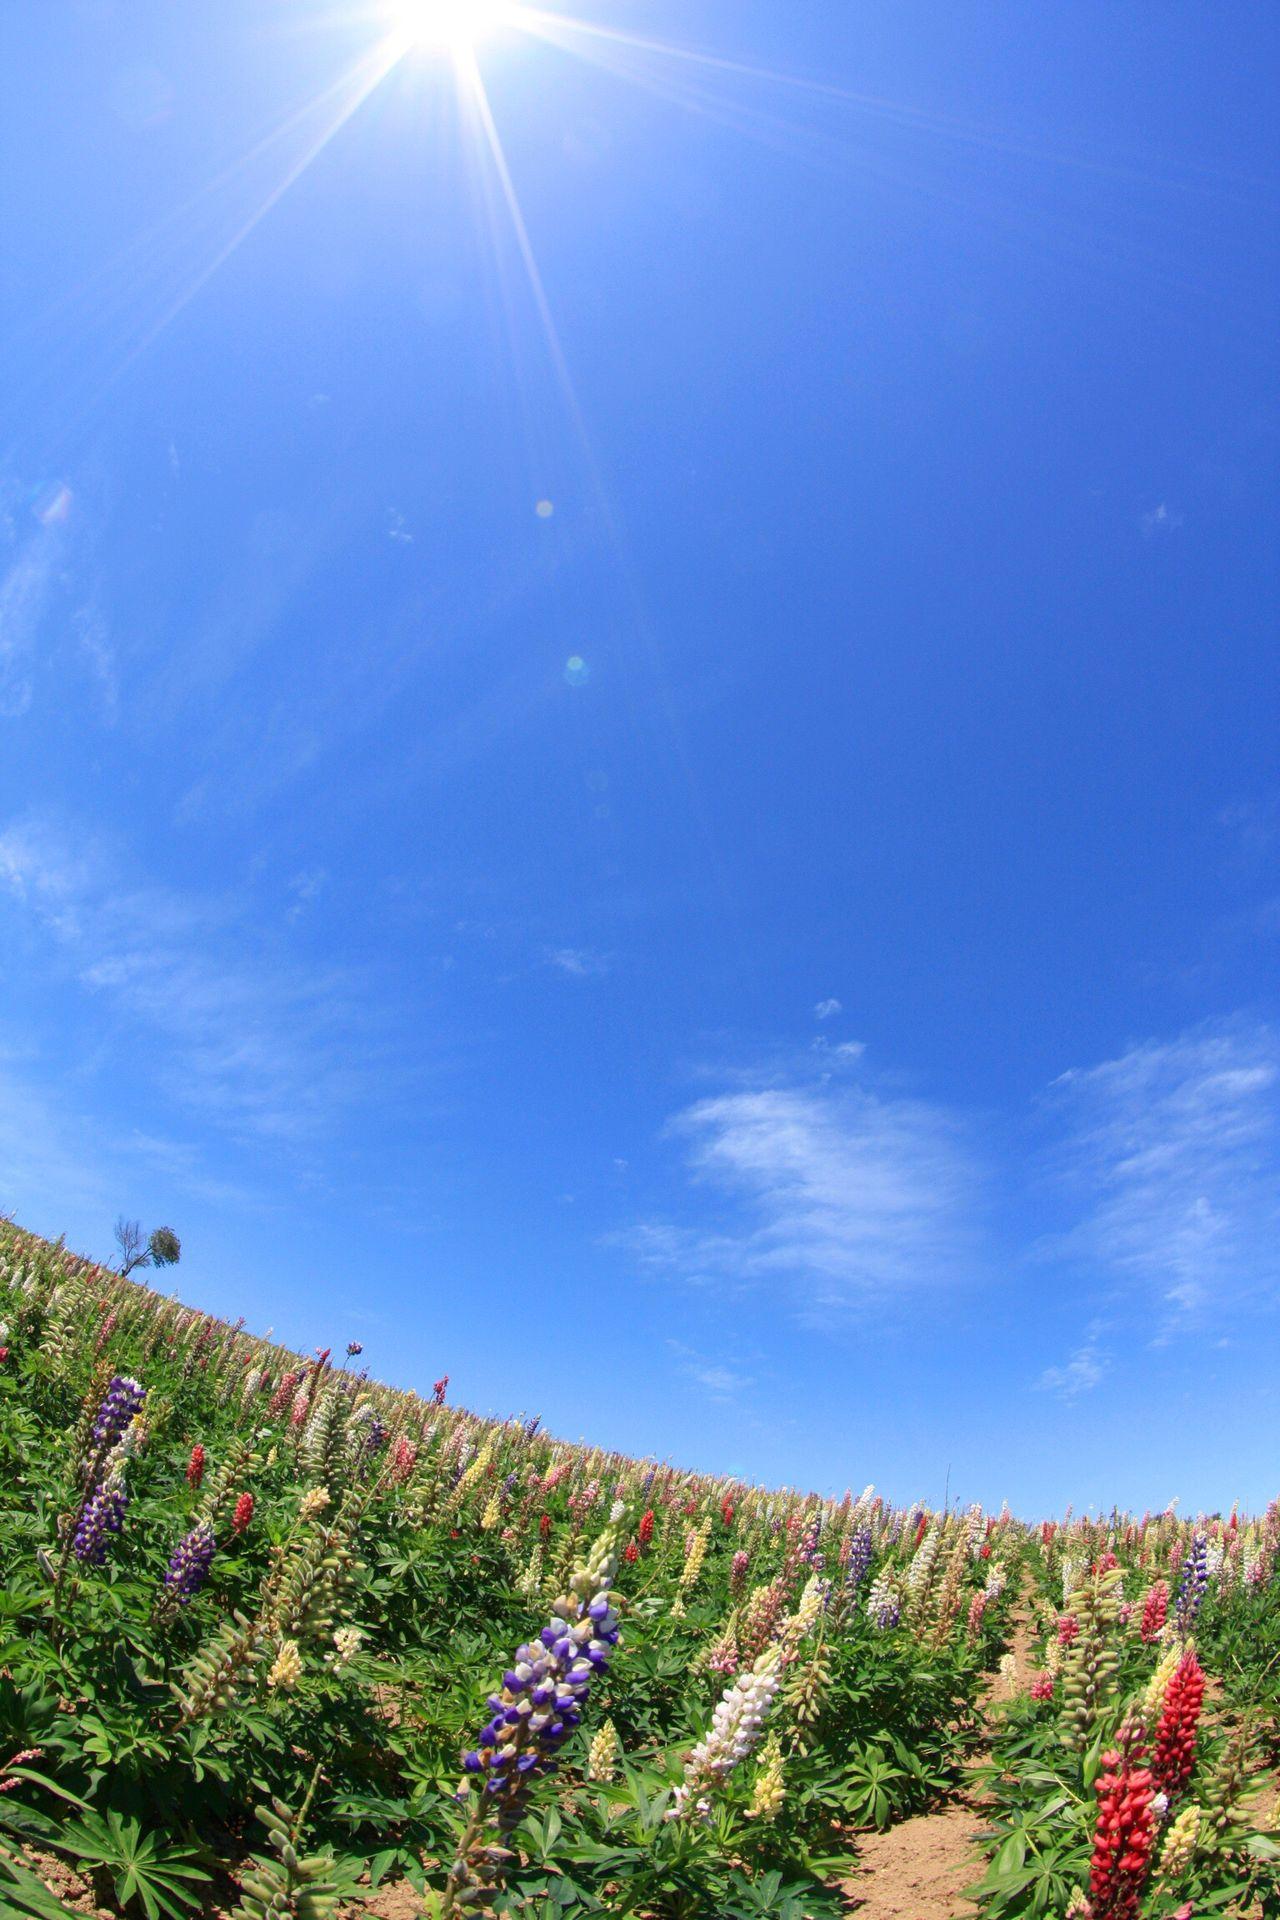 北海道 ルピナス Nature Sky Sunlight Blue Growth Flower No People Outdoors Beauty In Nature Sunbeam Scenics Tree Day Sun Tranquility Agriculture Plant Architecture Scenery Eyeemphotography Landscape Japan